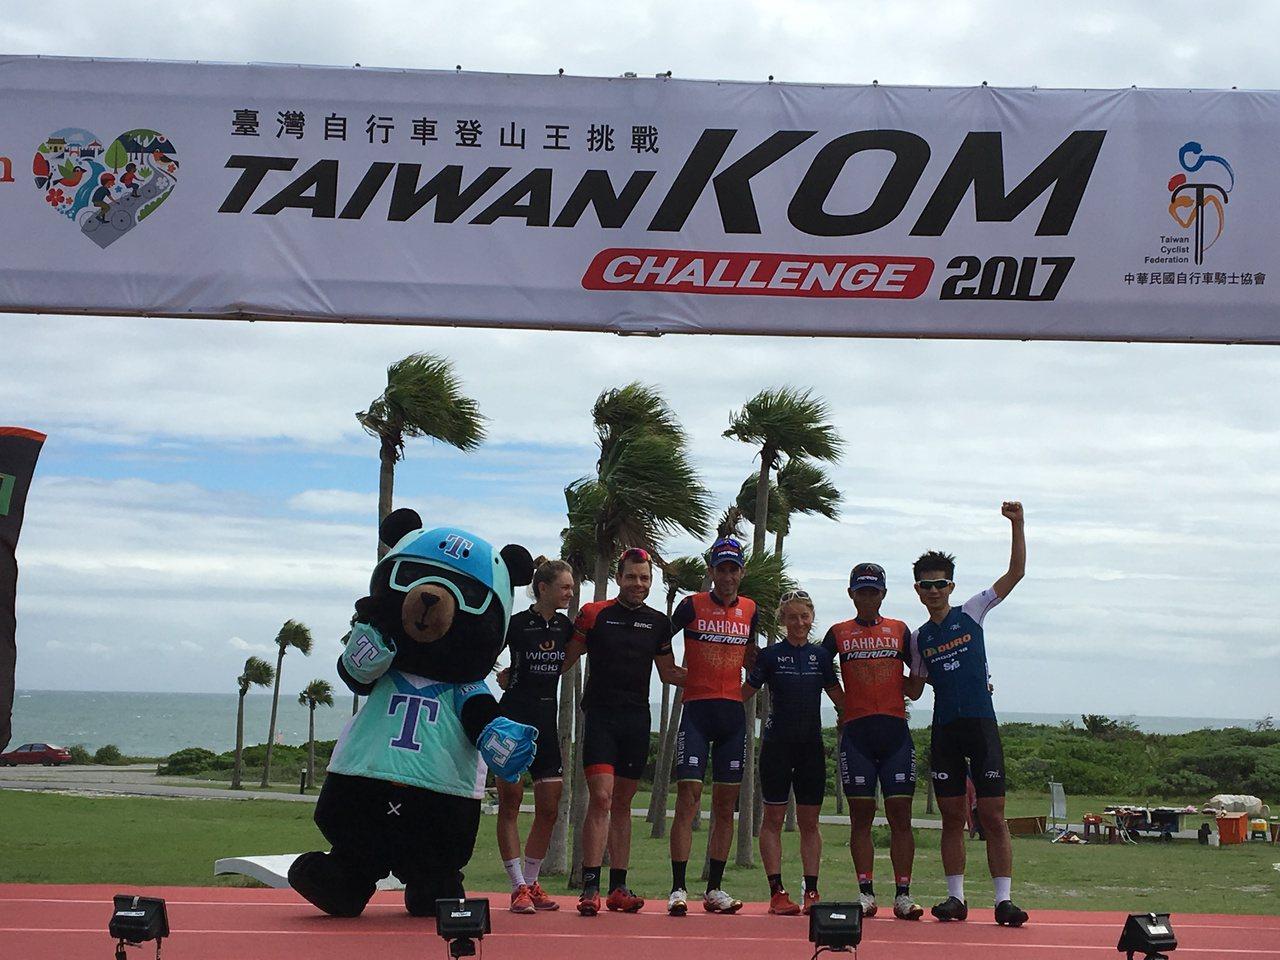 台灣自行車登山王挑戰,不僅國外好手雲集,國內精銳也盡出。記者徐庭揚/攝影